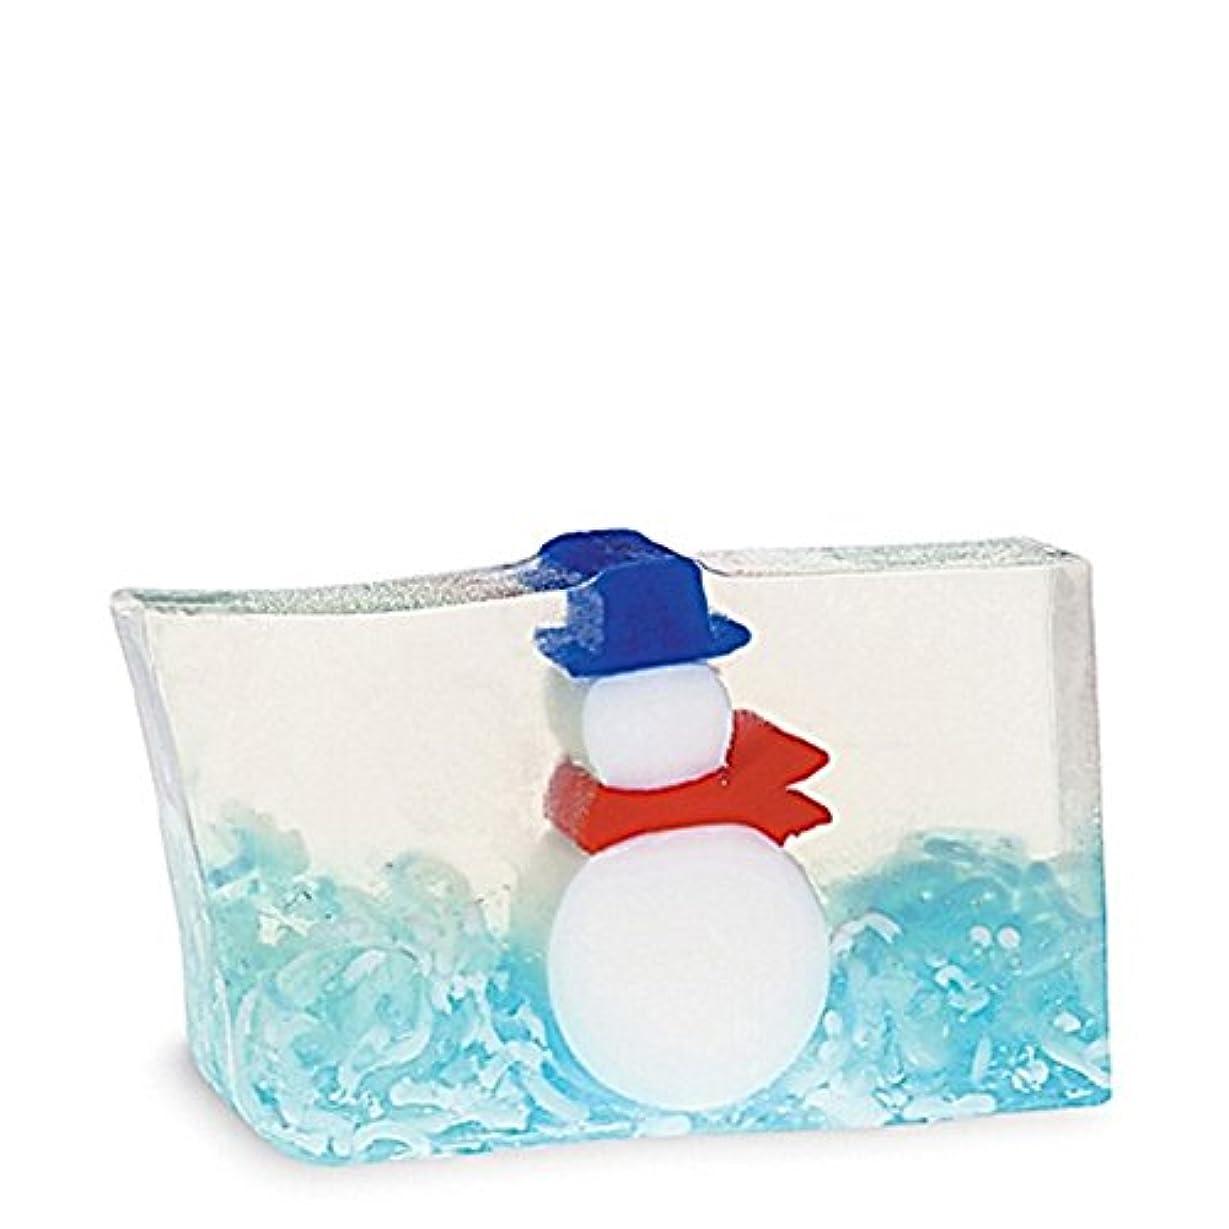 髄とは異なり優れました原初の要素雪だるま石鹸170グラム x2 - Primal Elements Snowman Soap 170g (Pack of 2) [並行輸入品]